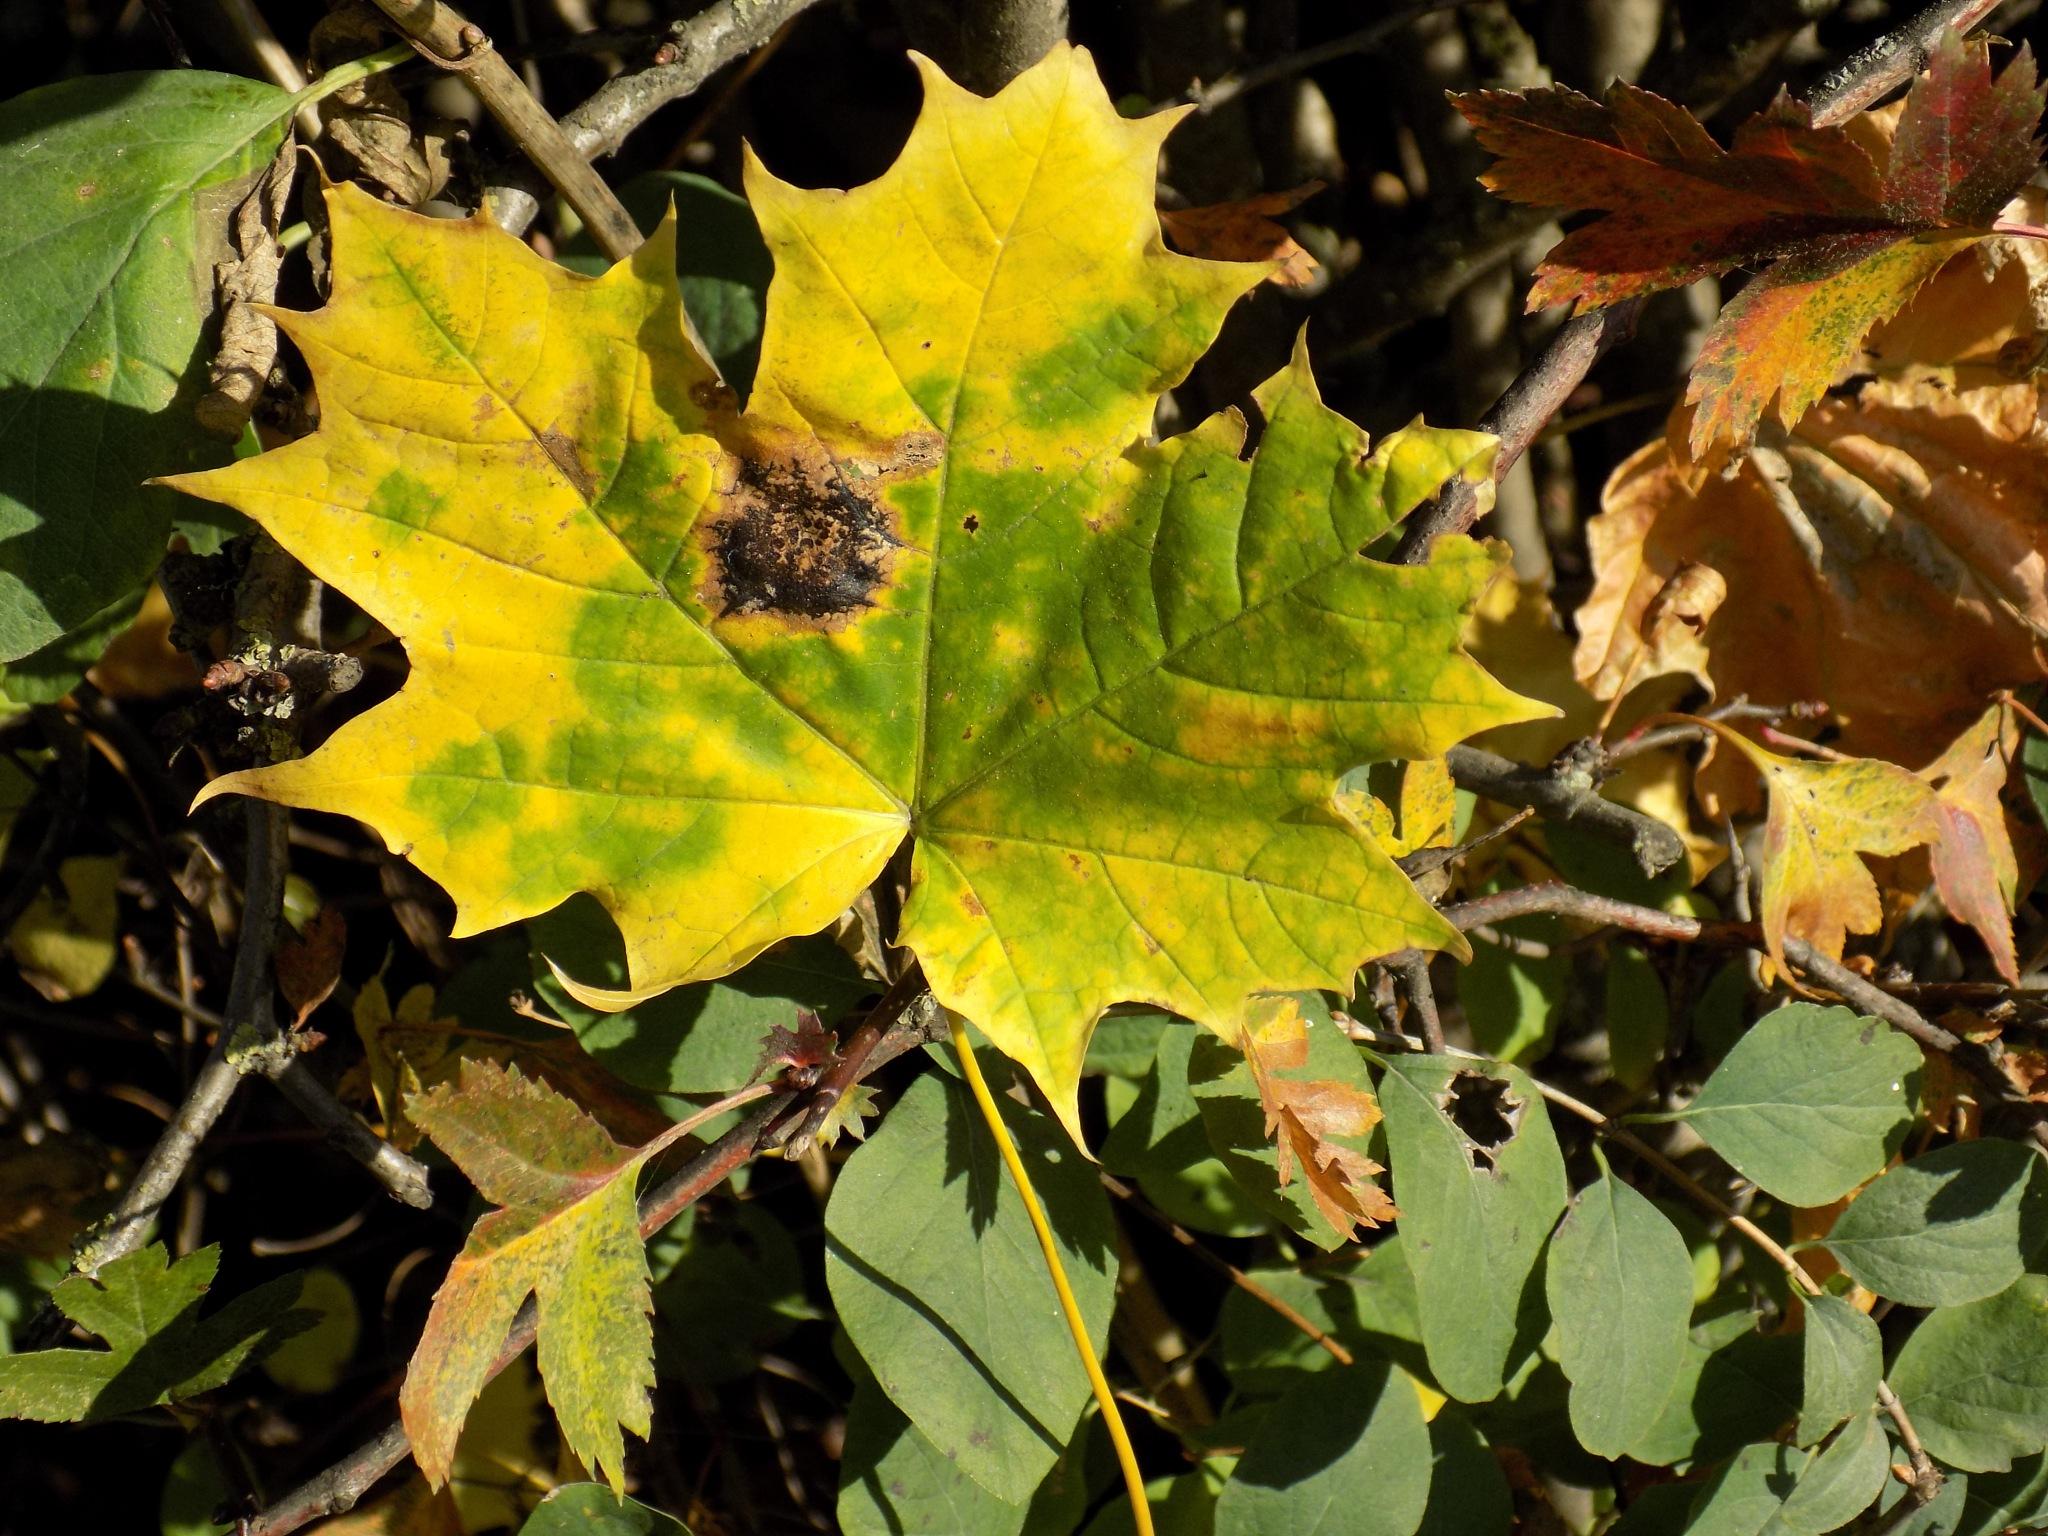 Autumn colors by uzkuraitiene62